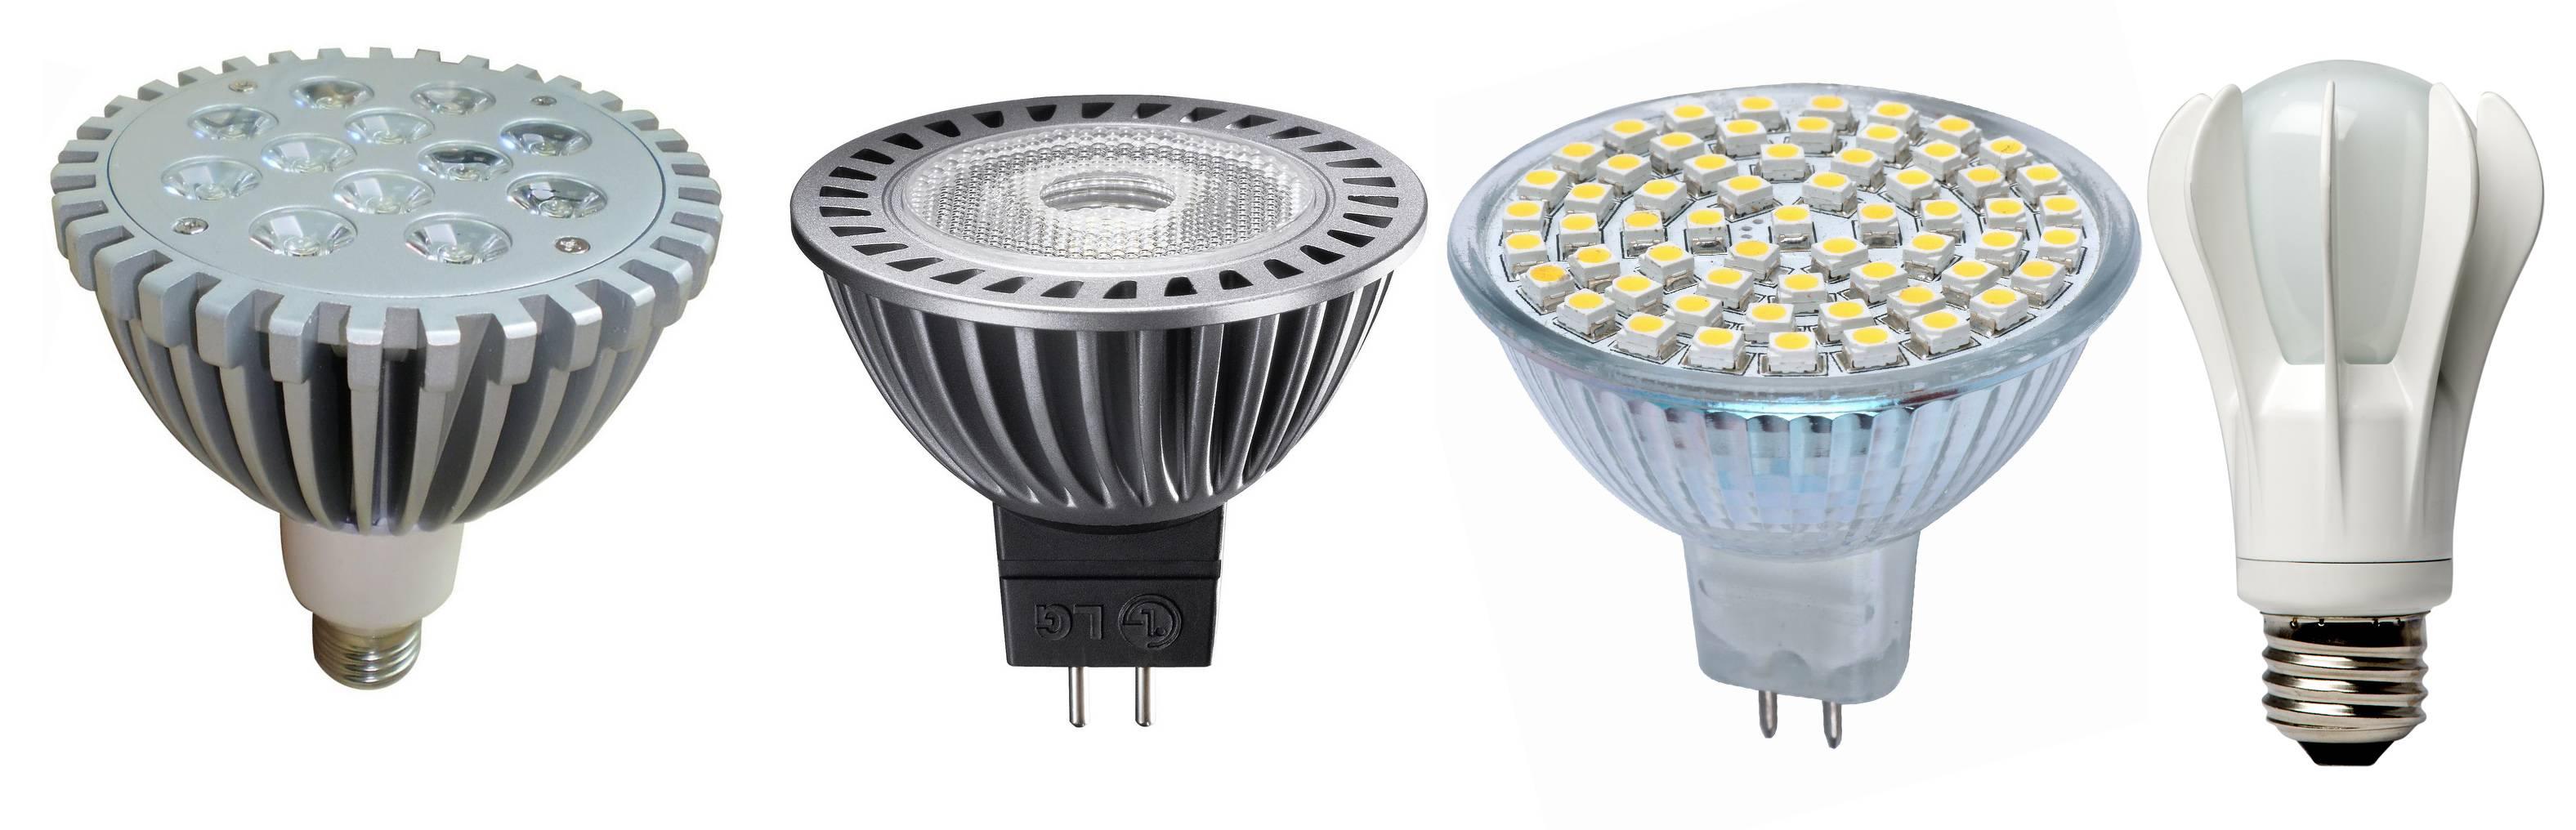 Светодиодные лампы для дома - как выбрать качественную?